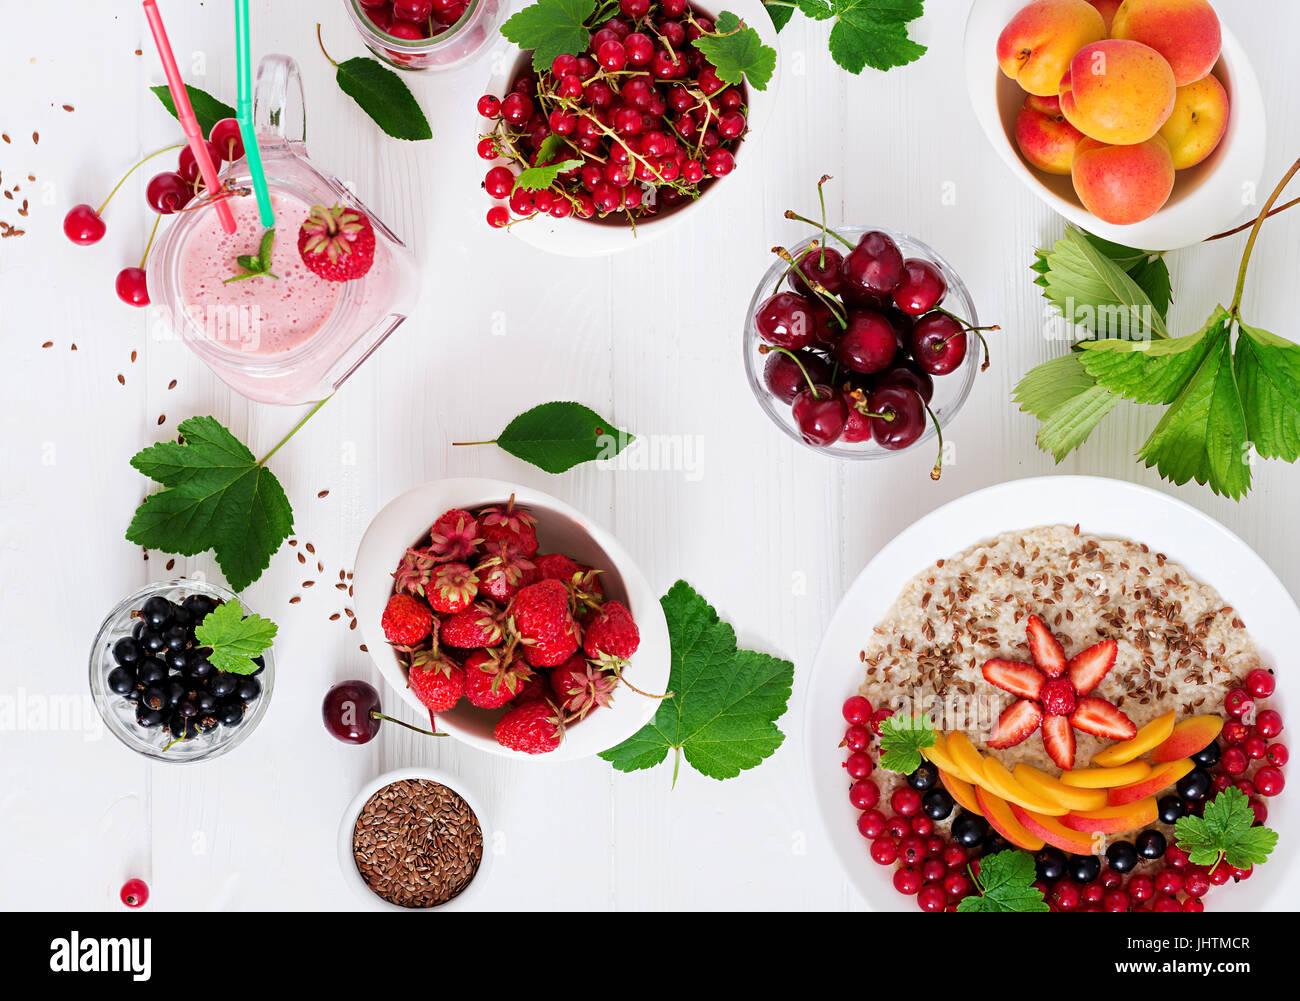 Gustosa e salutare i fiocchi d'avena porridge con berry, semi di lino e frullati. Una sana prima colazione. Immagini Stock